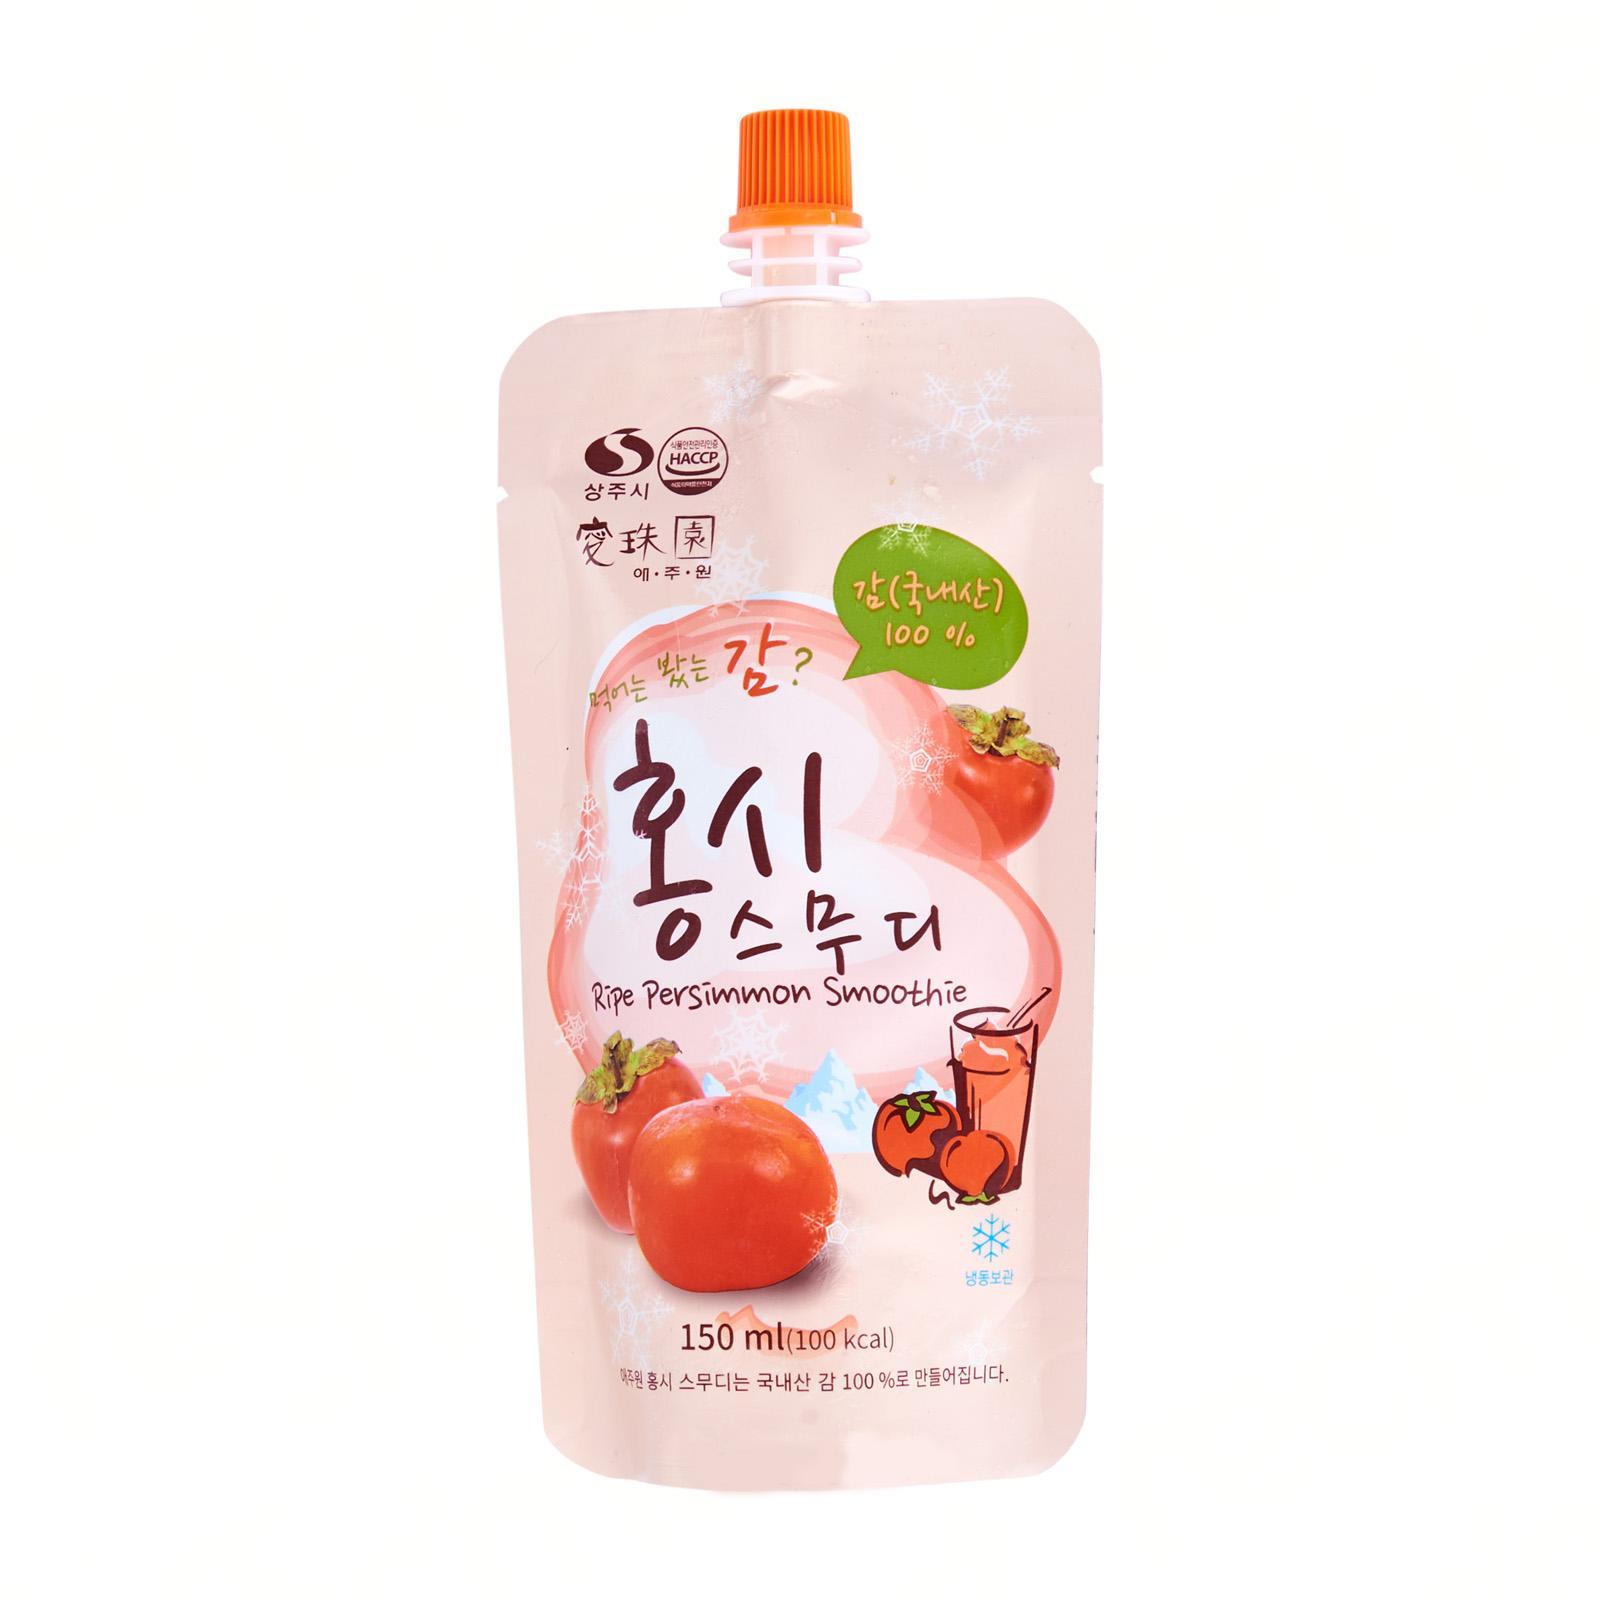 Aejuwon Korean 100% Ripe Persimmon Smoothie - Frozen